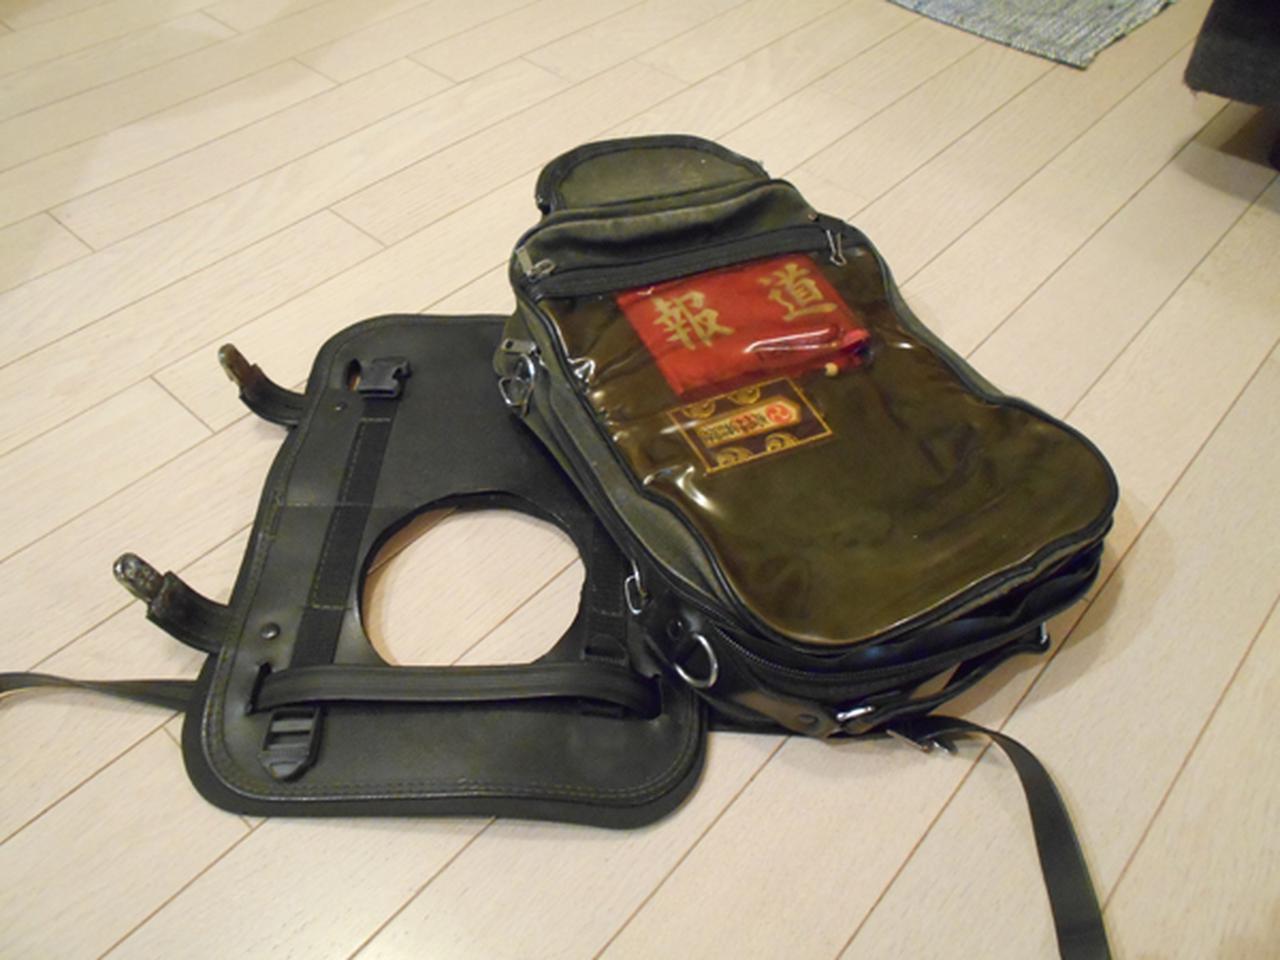 画像: 当時使っていた先輩からもらったタンクバッグ。台座の部分が丸くくりぬいてあって、バッグを片側だけはずせばタンクキャップを開けて給油ができた。この台座とバッグの間に平たく畳んだカッパを装着。畳み方は先輩の直伝だった。